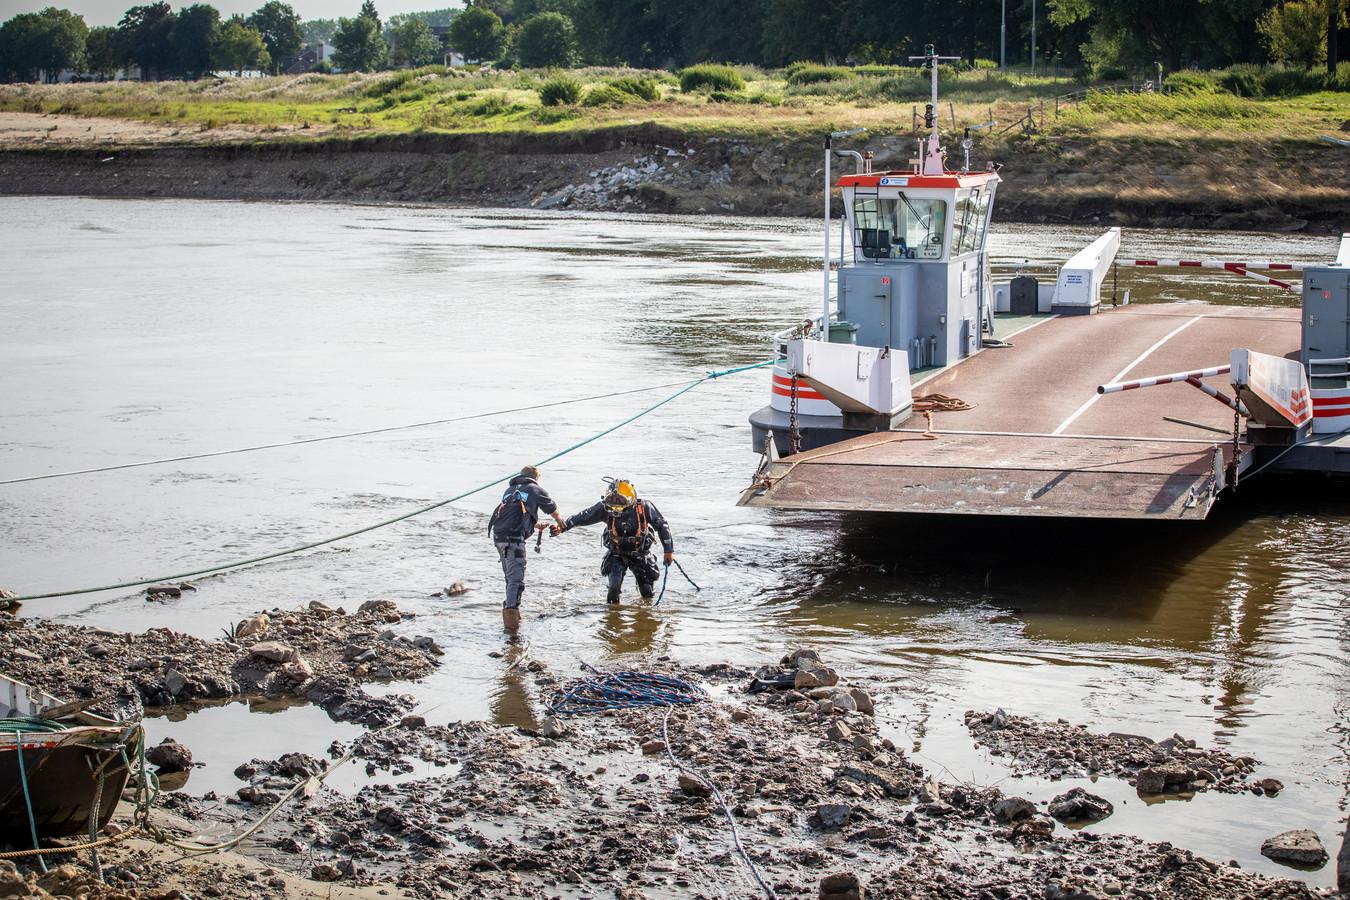 Vandaag vond er opnieuw een inspectie plaats aan het veerpont in Meeswijk.